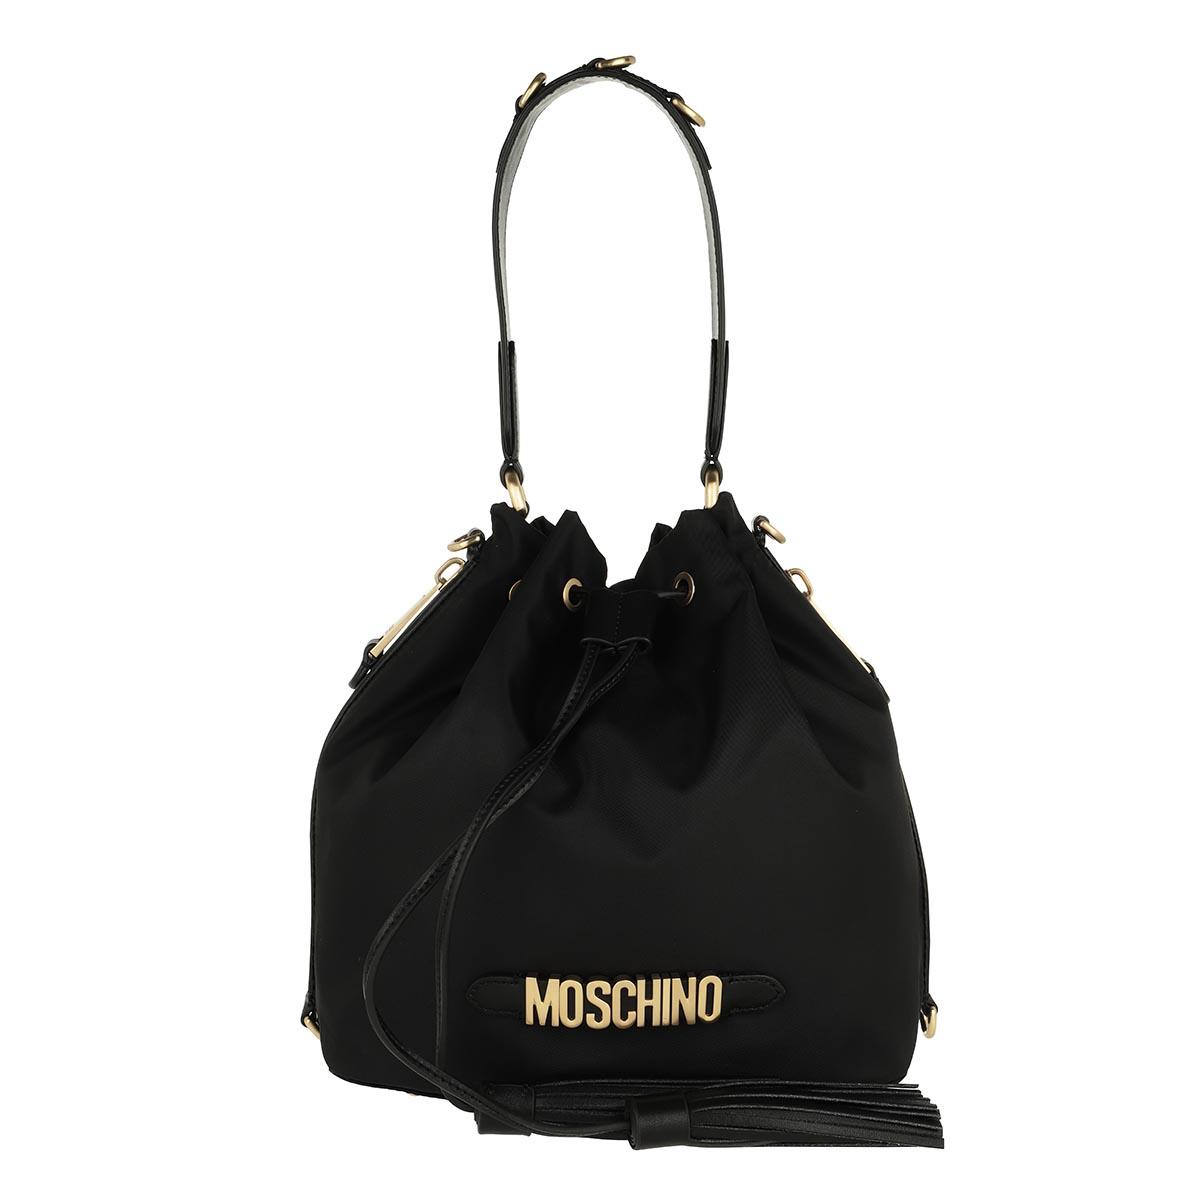 Moschino Beuteltasche - Logo Bucket Bag Black - in schwarz - für Damen